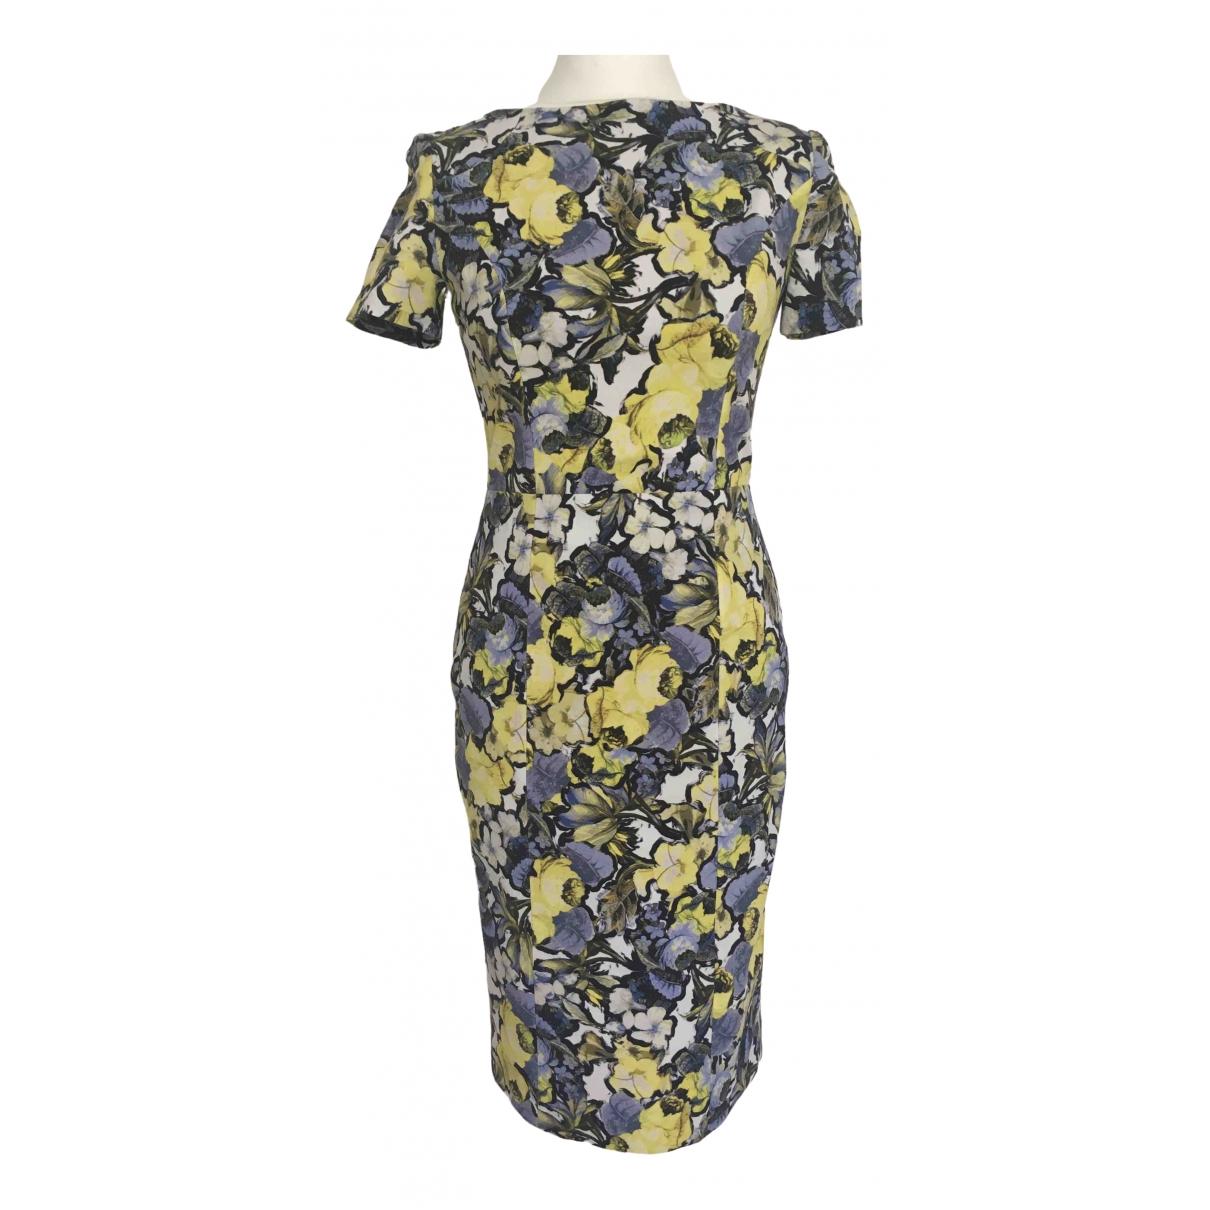 Erdem \N Kleid in  Bunt Baumwolle - Elasthan